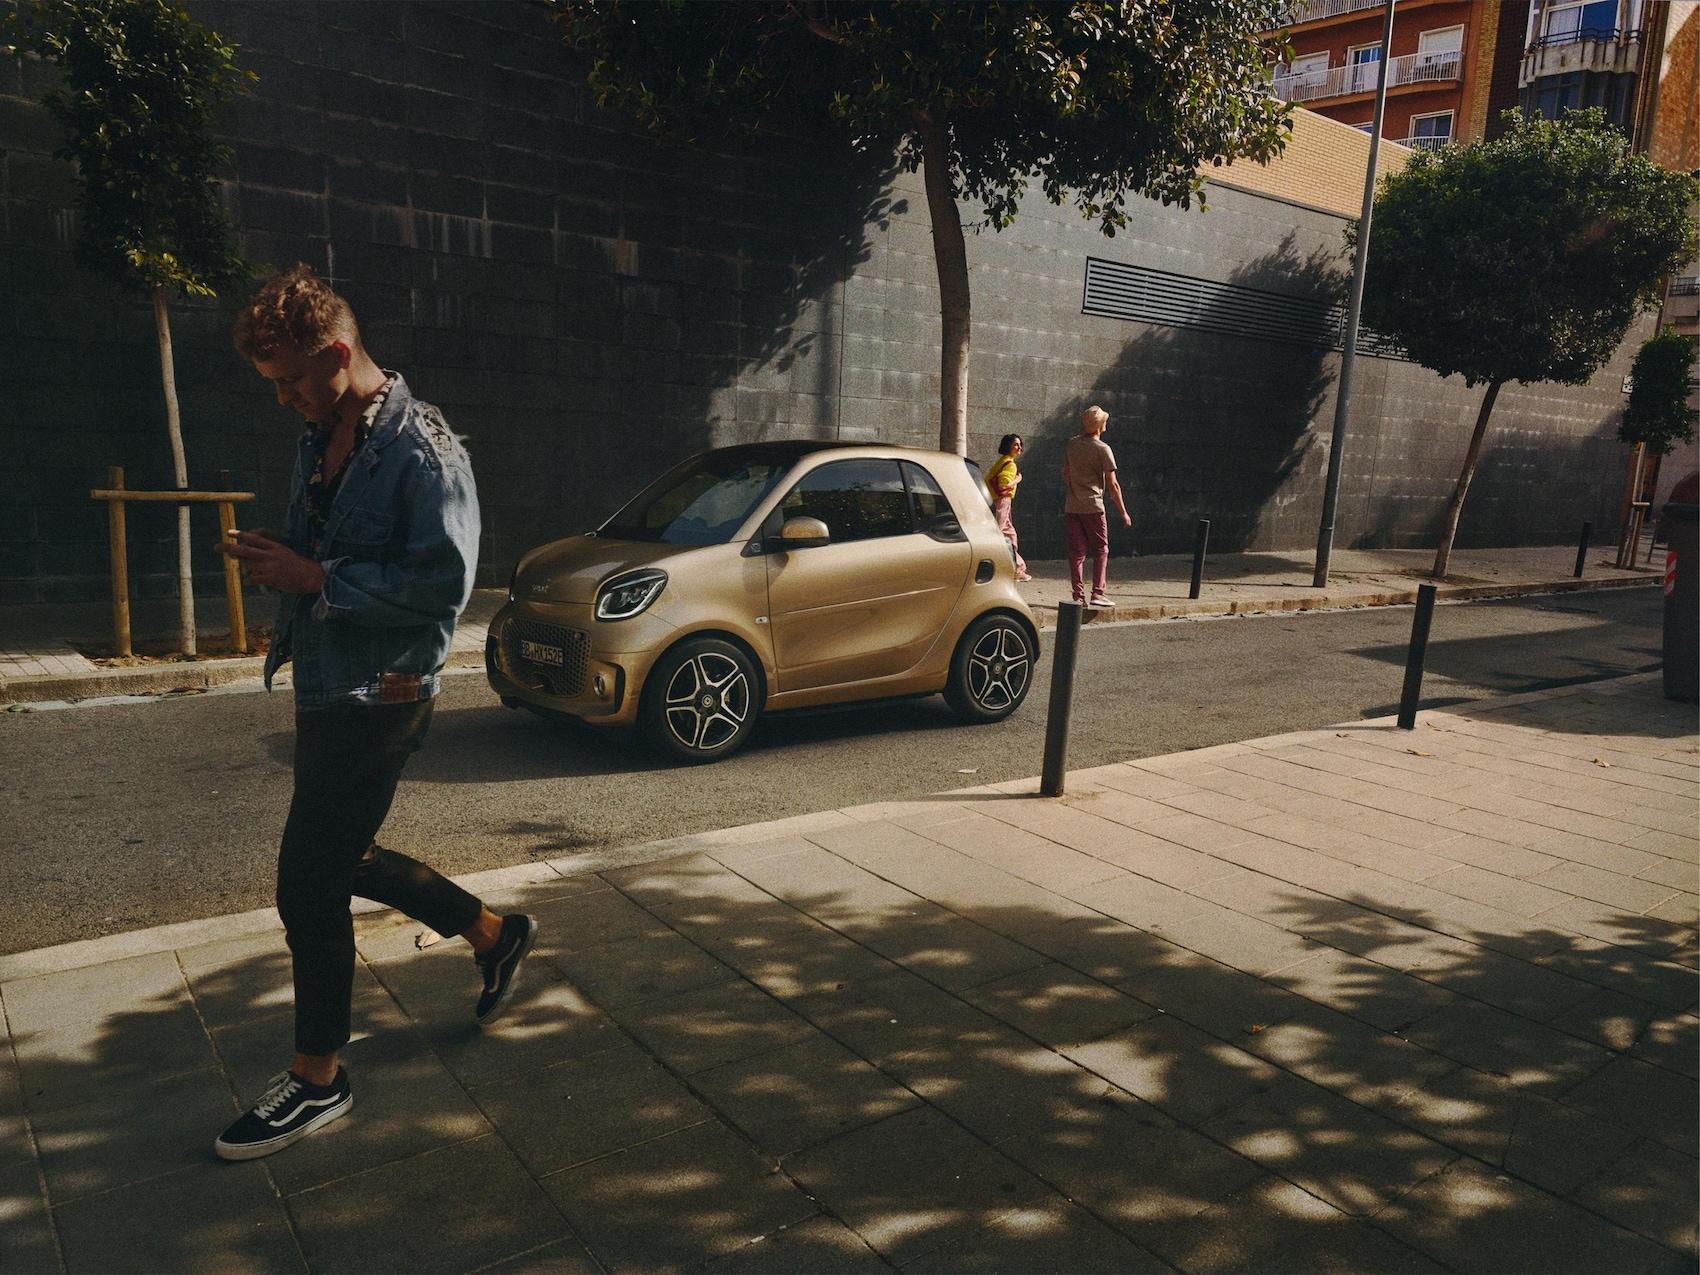 En smart EQ fortwo cabrio på vägen med fotgängare.